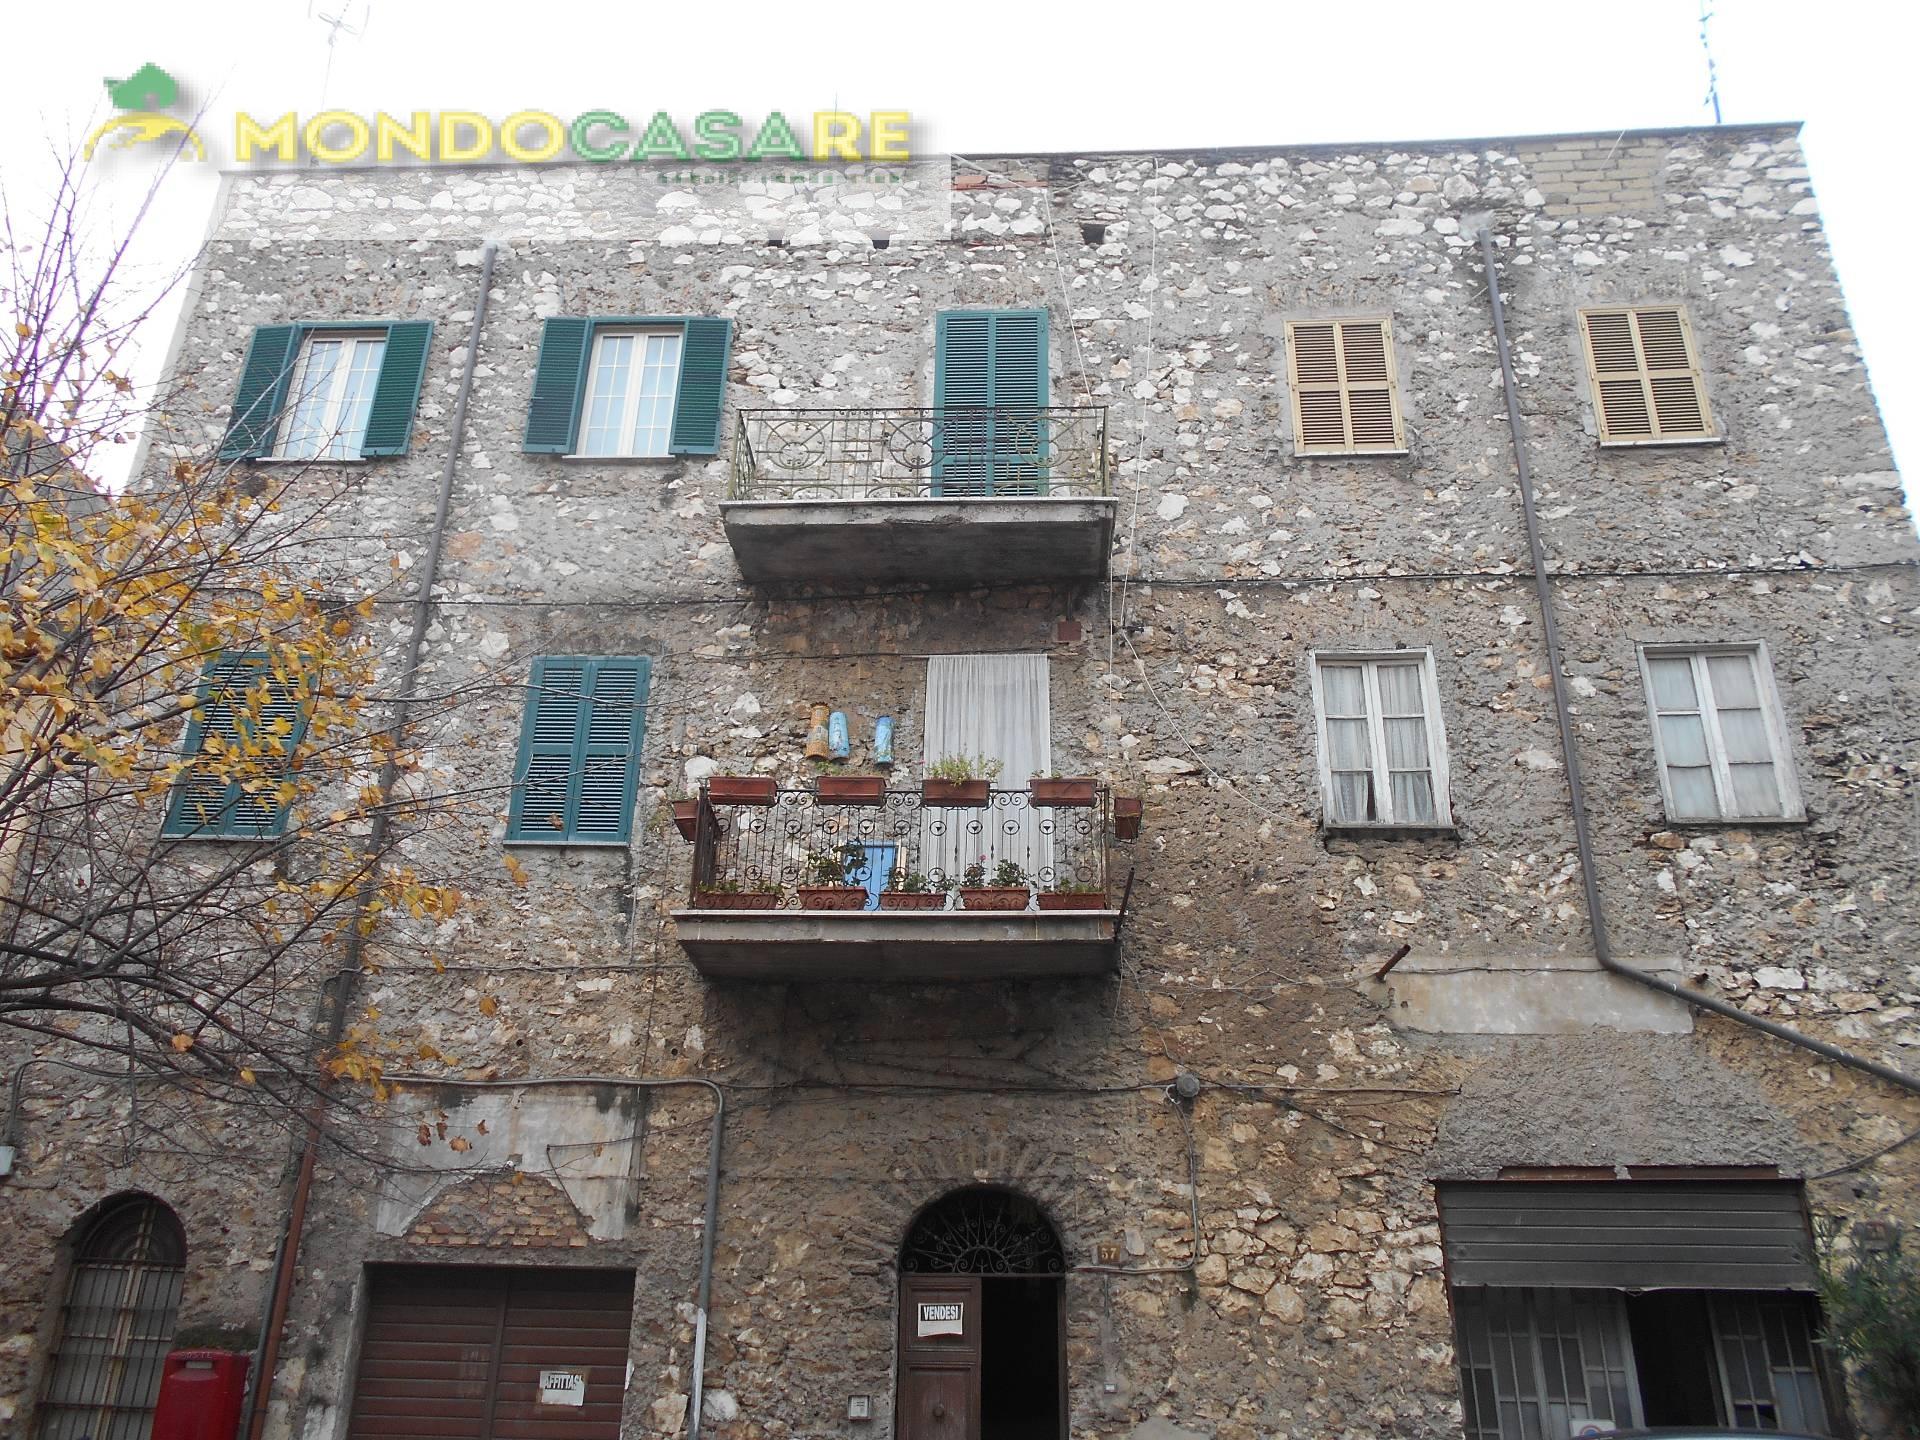 Appartamento in vendita a Marcellina, 3 locali, prezzo € 38.000 | CambioCasa.it